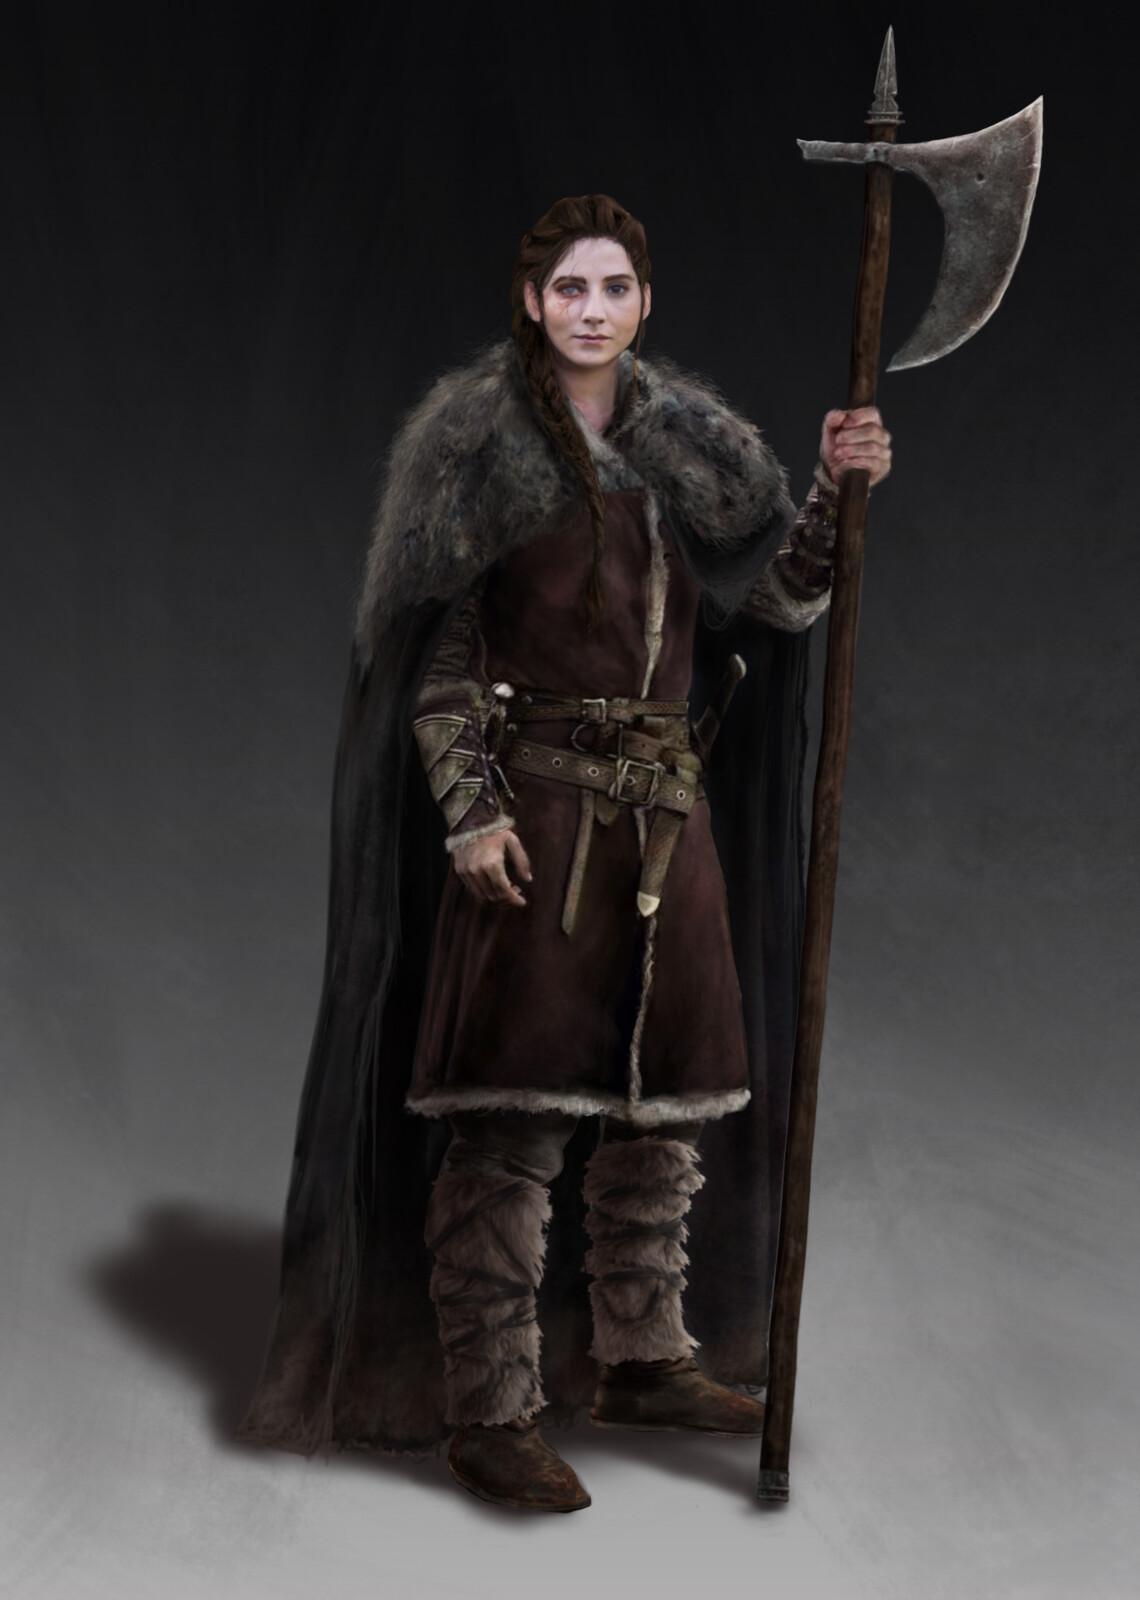 Jana the Mercenary